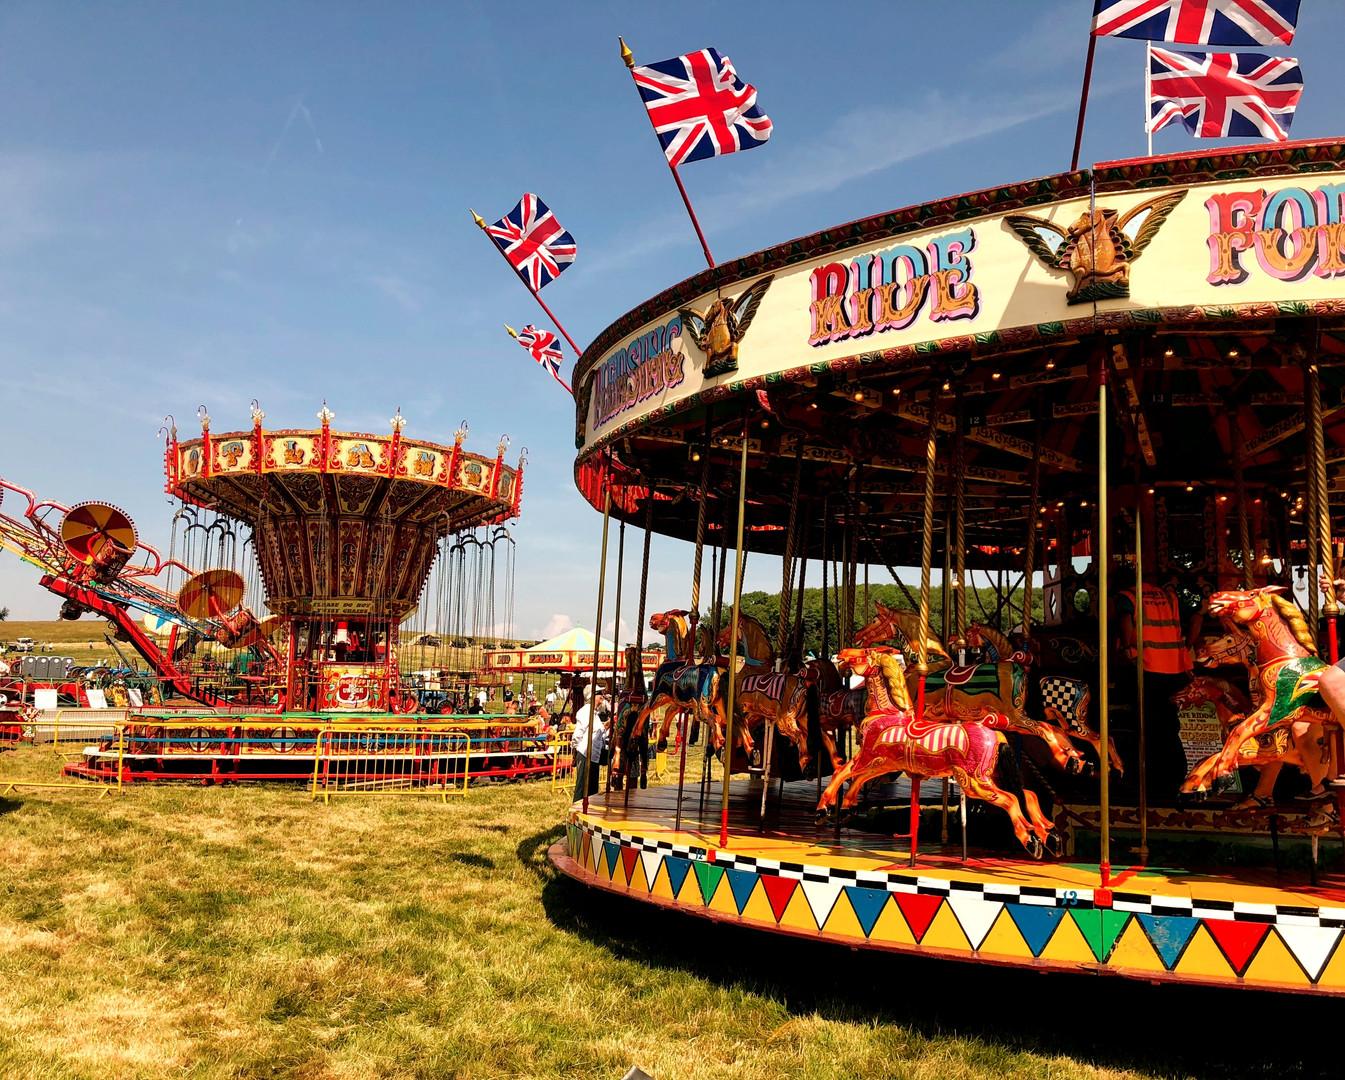 The Fair at Wiston Steam Rally